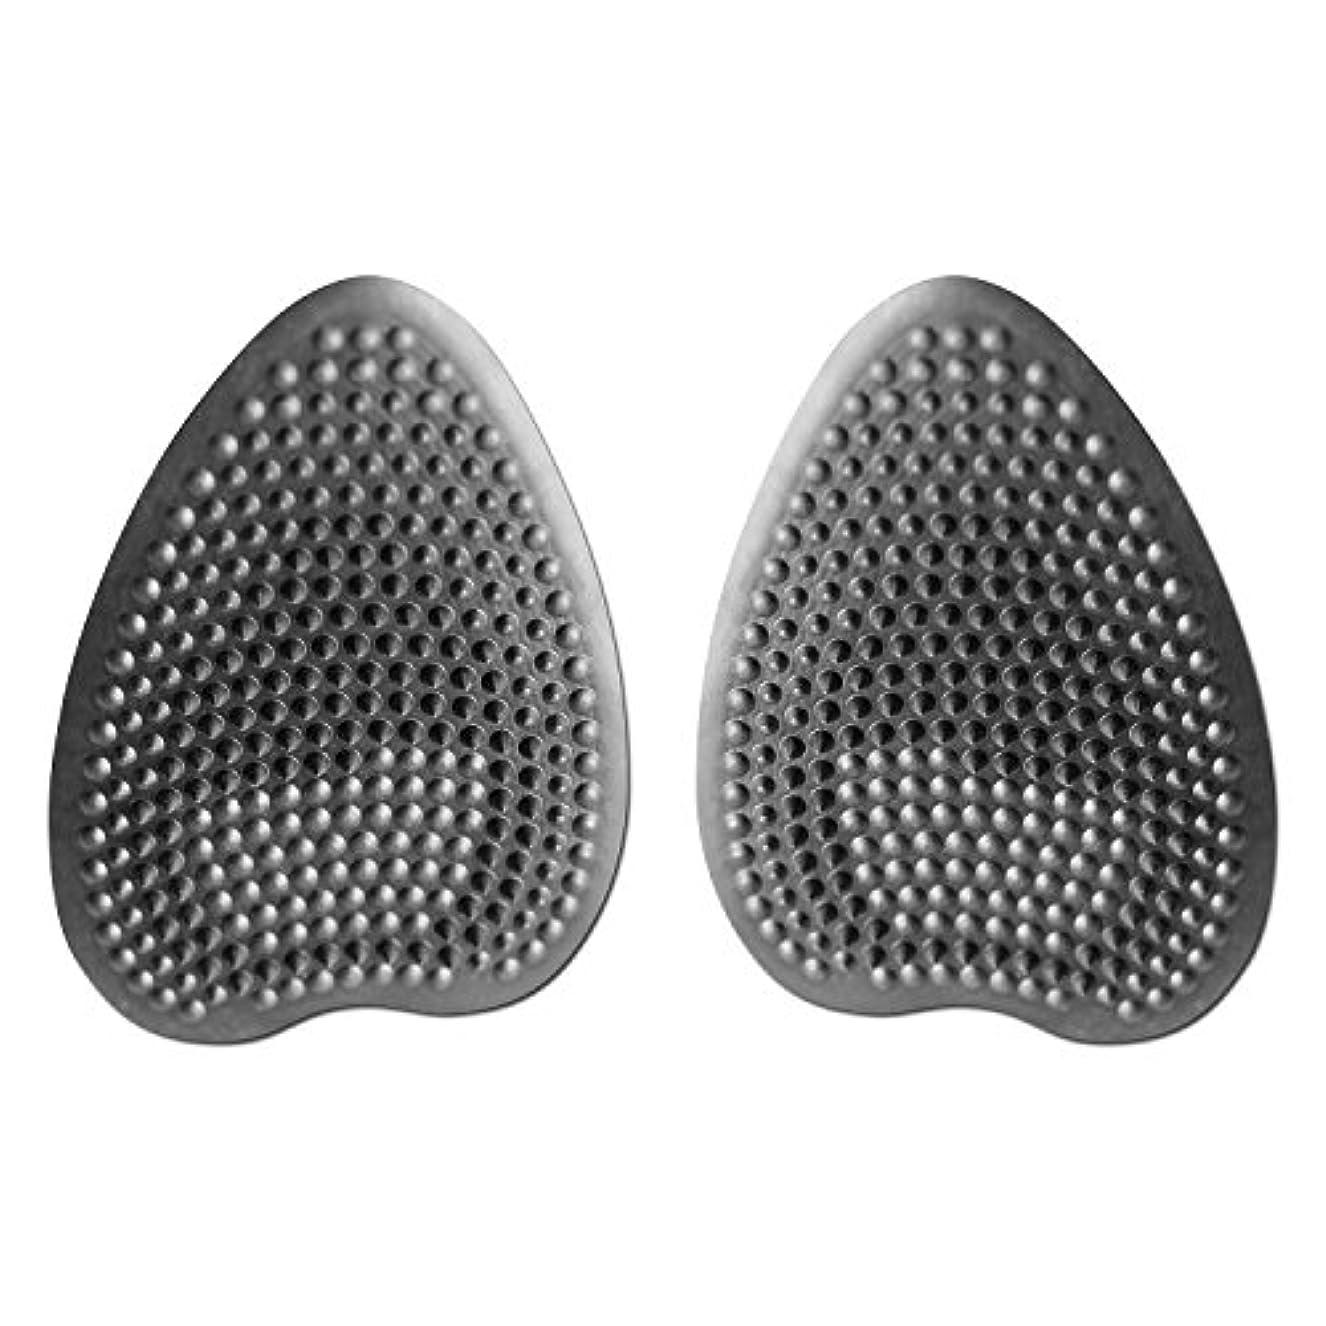 懐疑的画面ブレイズヘブンリーカーペット レディース(靴底用クッションパッド) ブラック